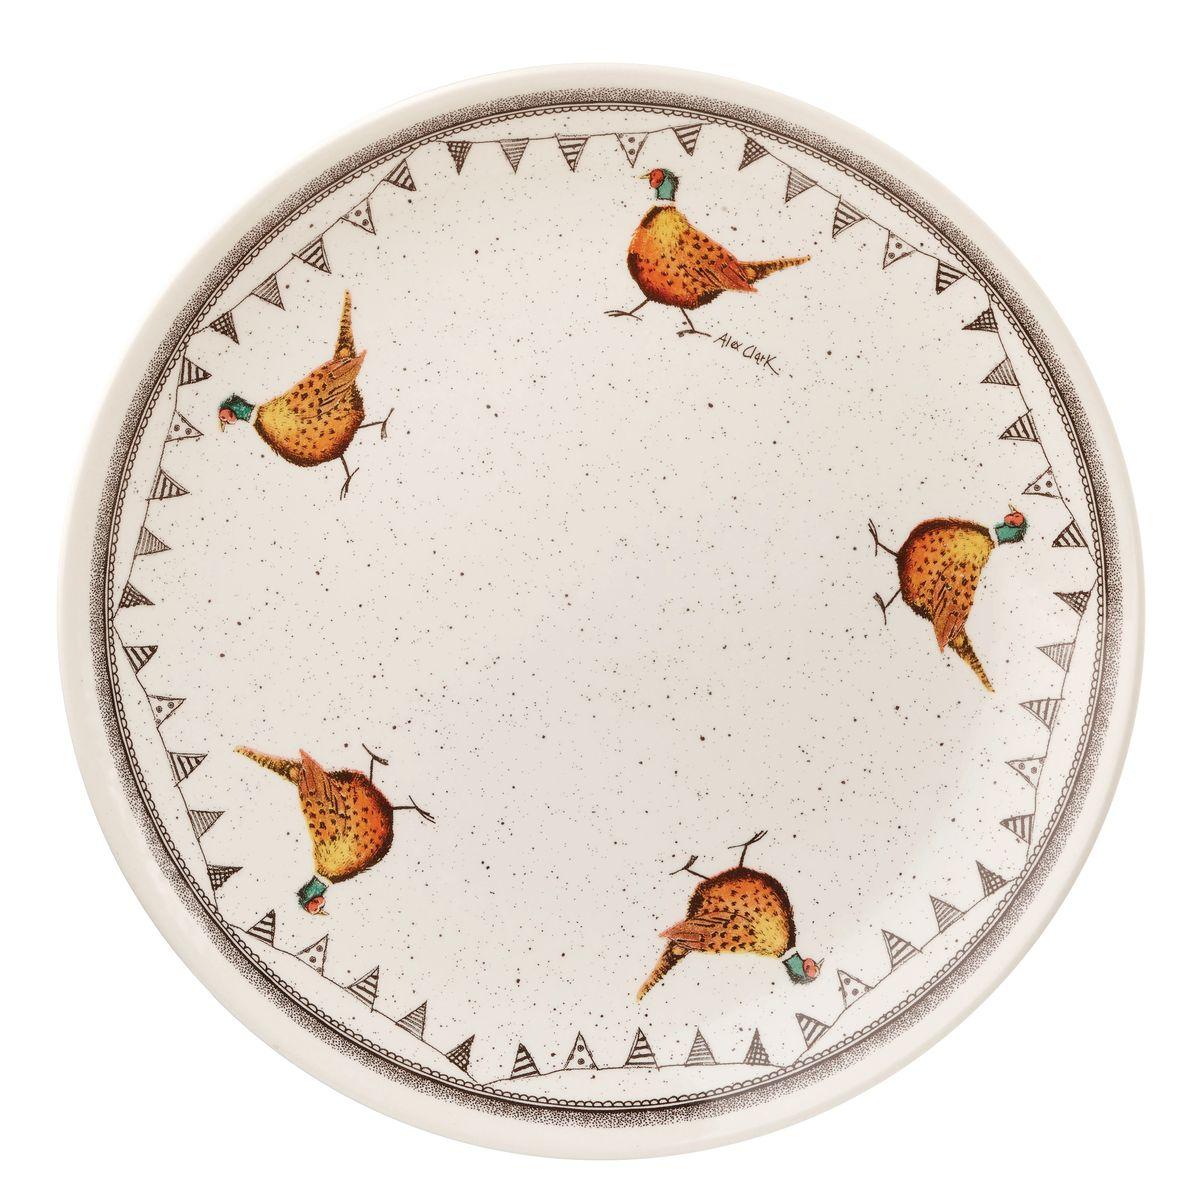 Тарелка столовая Churchill Живая природа, диаметр 26 см. ACWL00061ACWL00061Коллекция Живая природа - уникальное сочетание живой природы и прекрасные воспоминания из детства. Лёгкий и простой дизайн с пастельными красками идеально подойдёт для любой кухни. Материал: Фарфор, керамика, фаянс, костяной фарфор. Можно мыть в посудомоечной машине Можно использовать в микроволновой печи